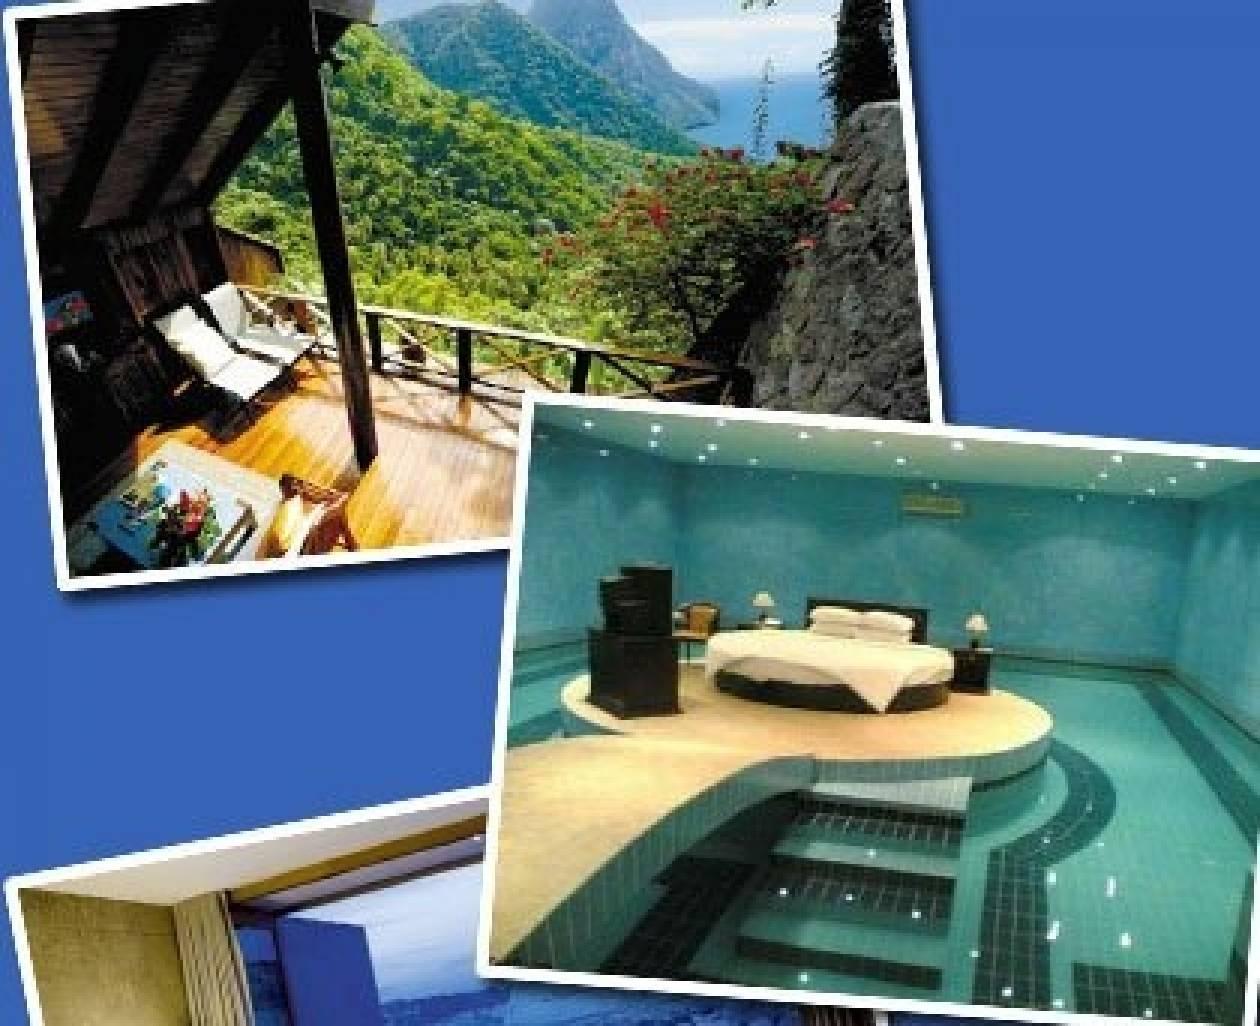 Δείτε τα πιο απίστευτα δωμάτια του κόσμου!